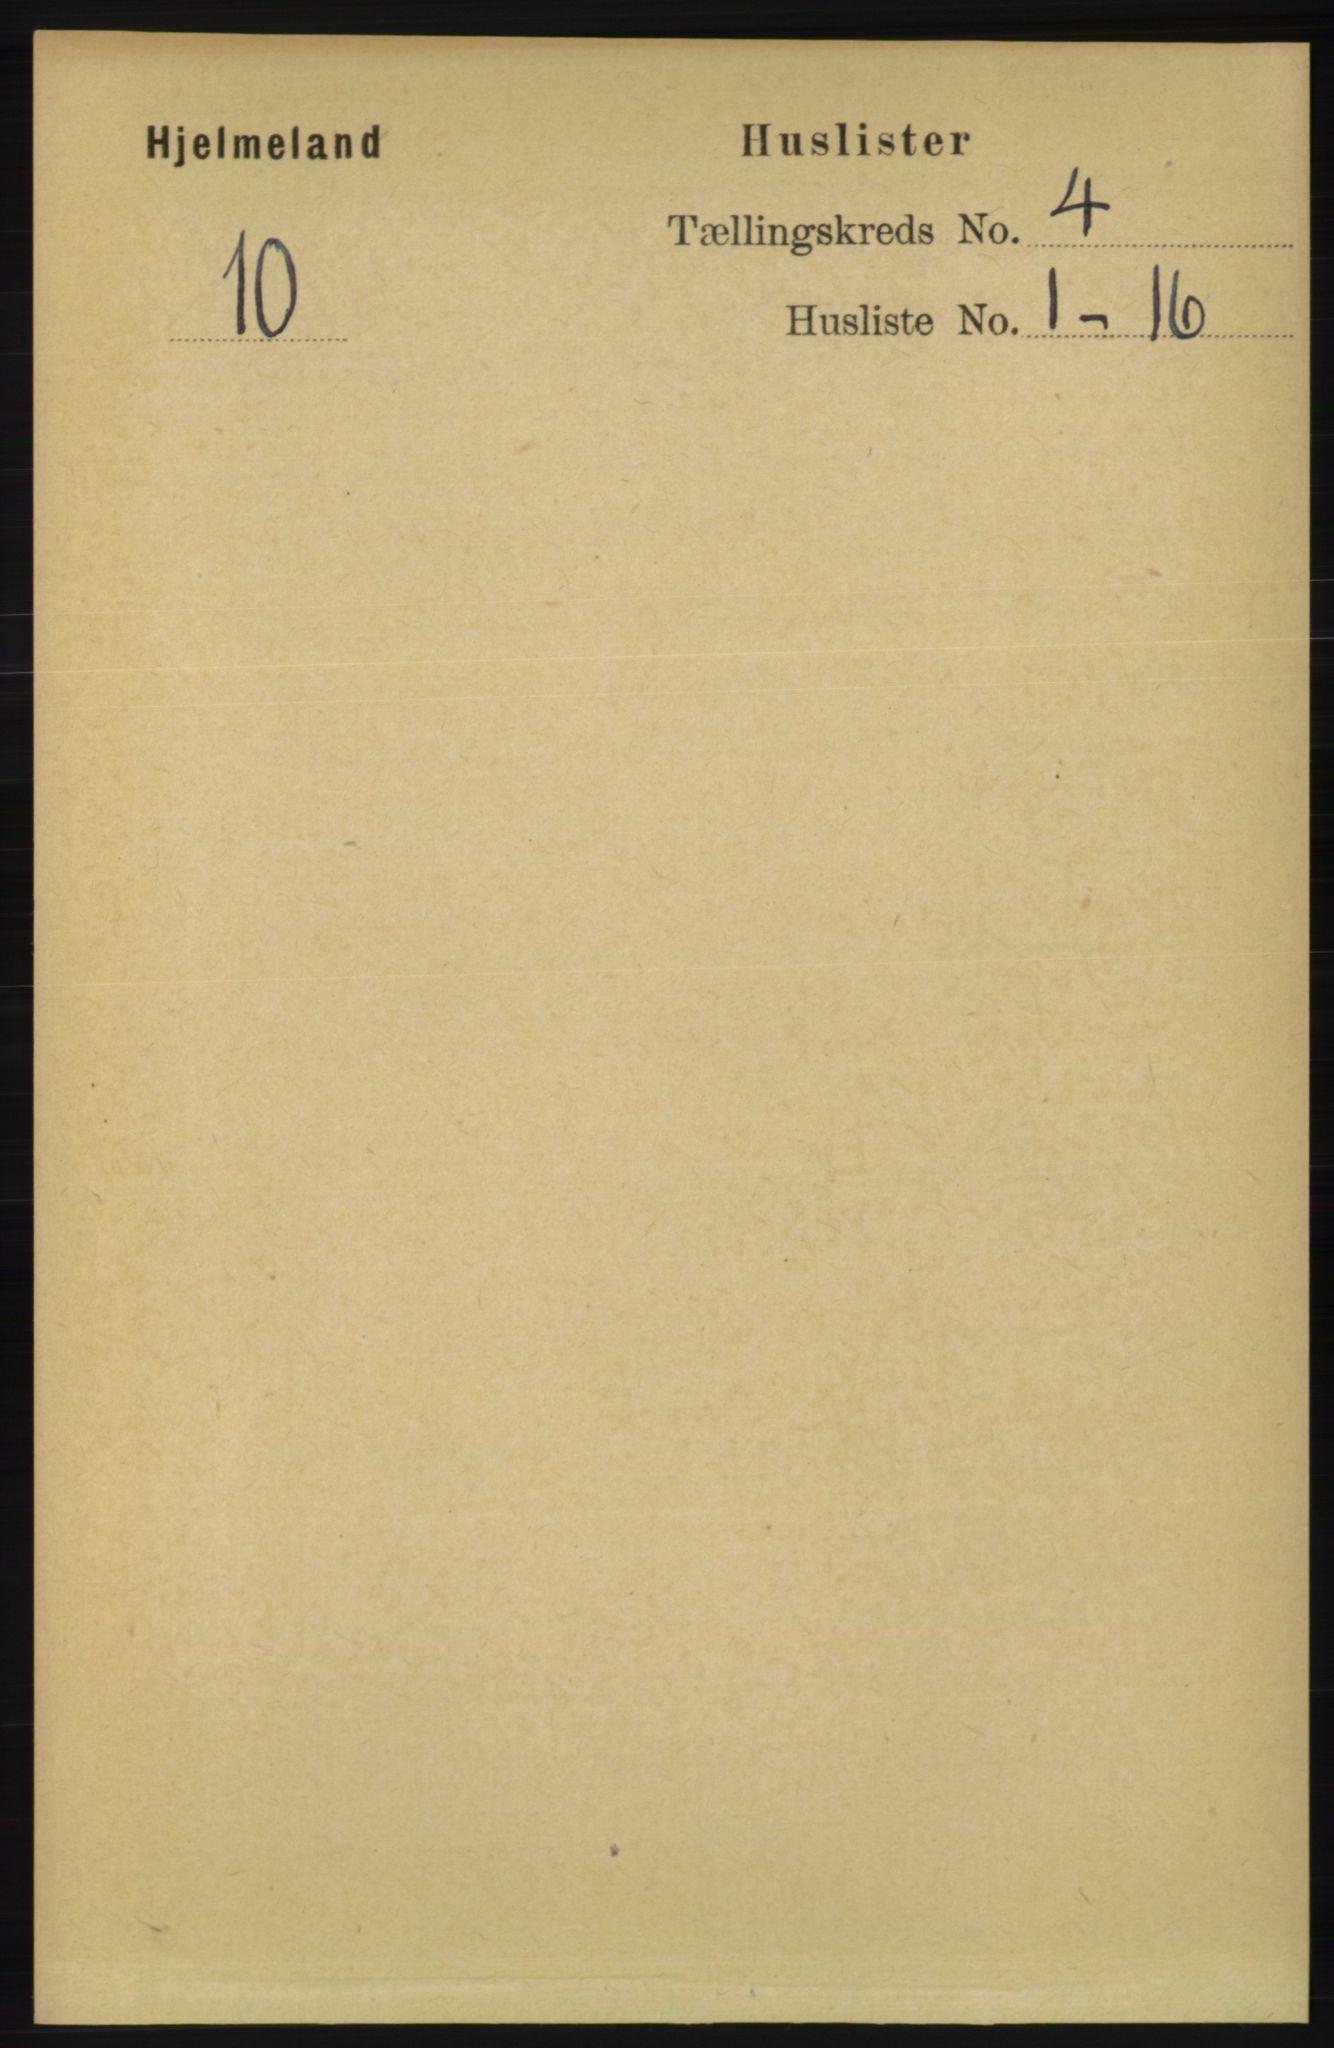 RA, Folketelling 1891 for 1133 Hjelmeland herred, 1891, s. 981